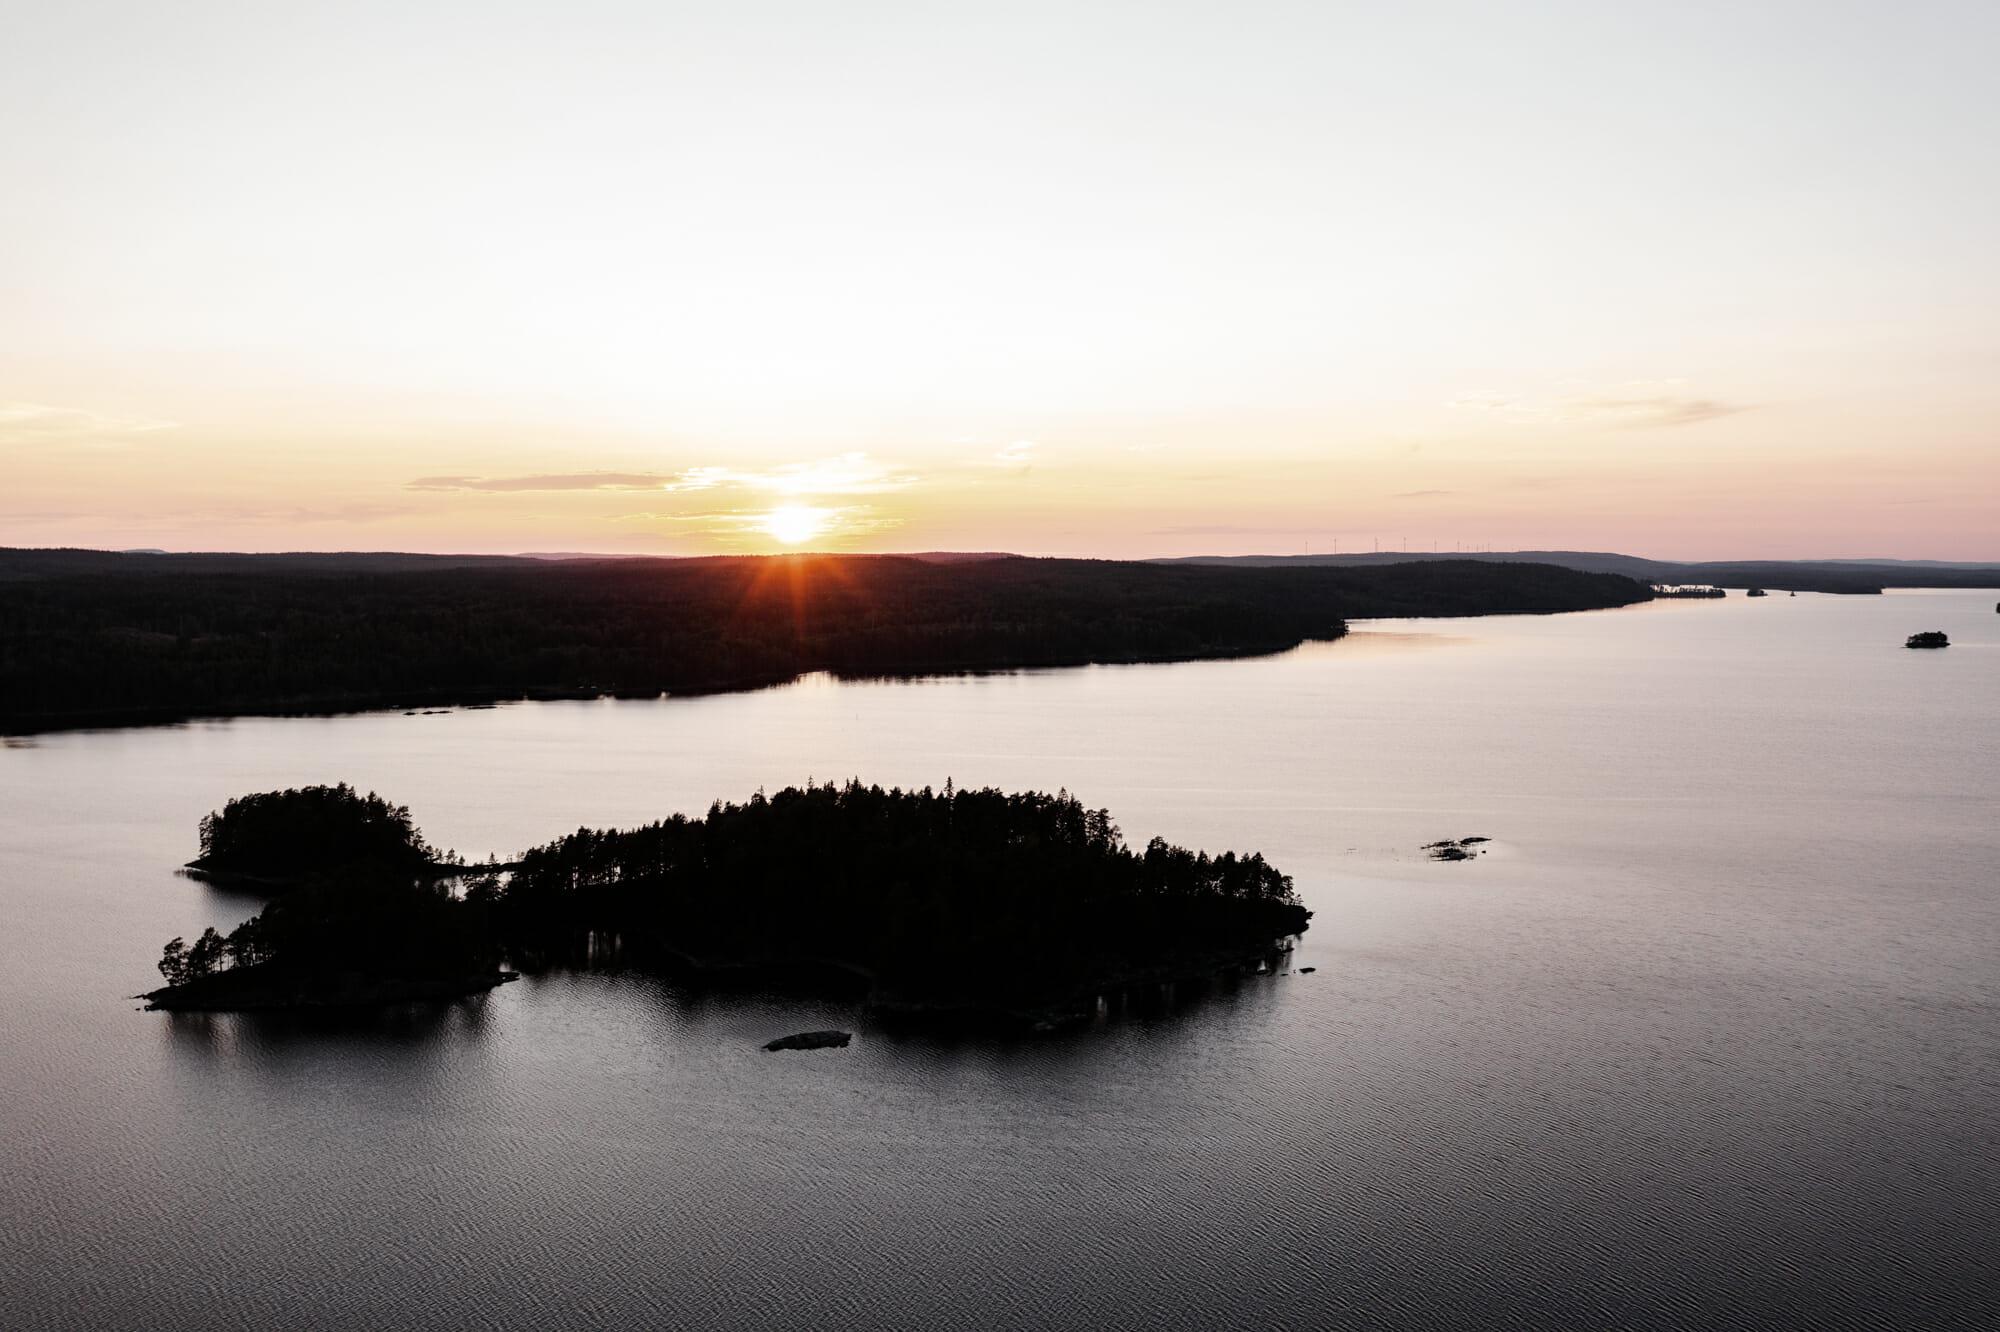 Vue sur une île dans le Värmland en Suède